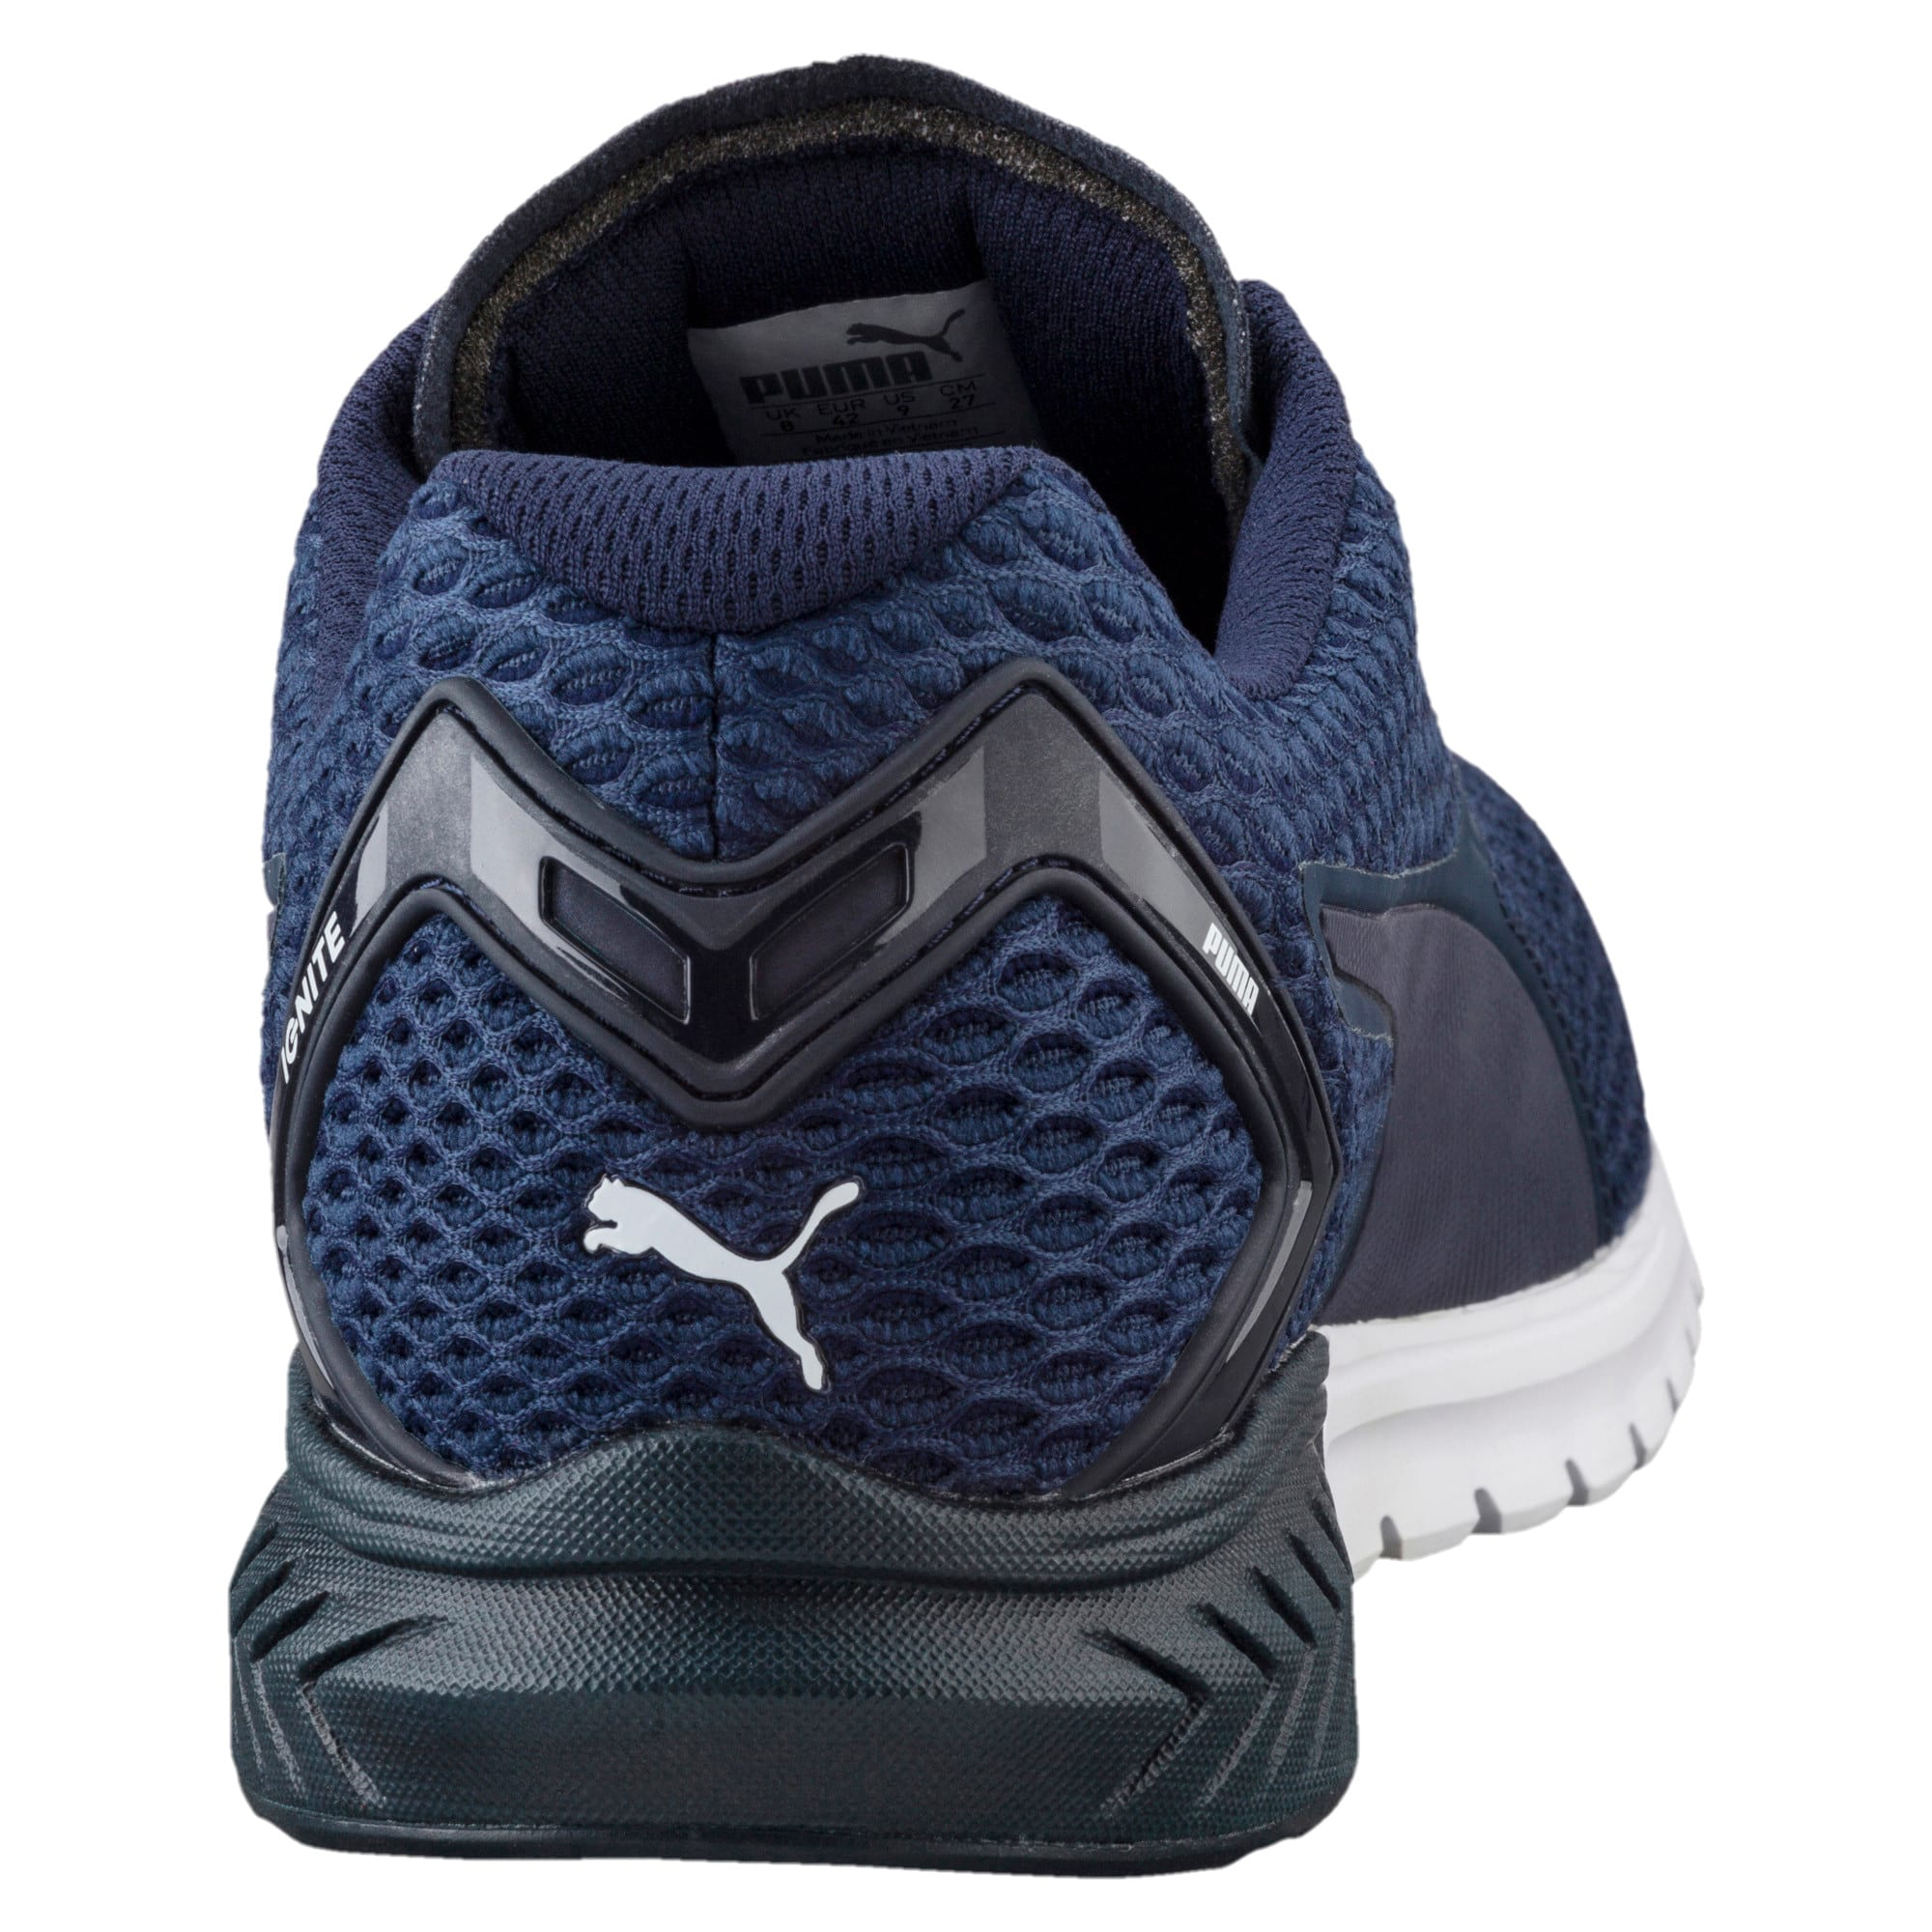 Thumbnail 3 of IGNITE Dual New Core Men's Training Shoes, Peacoat-Sargasso Sea, medium-IND